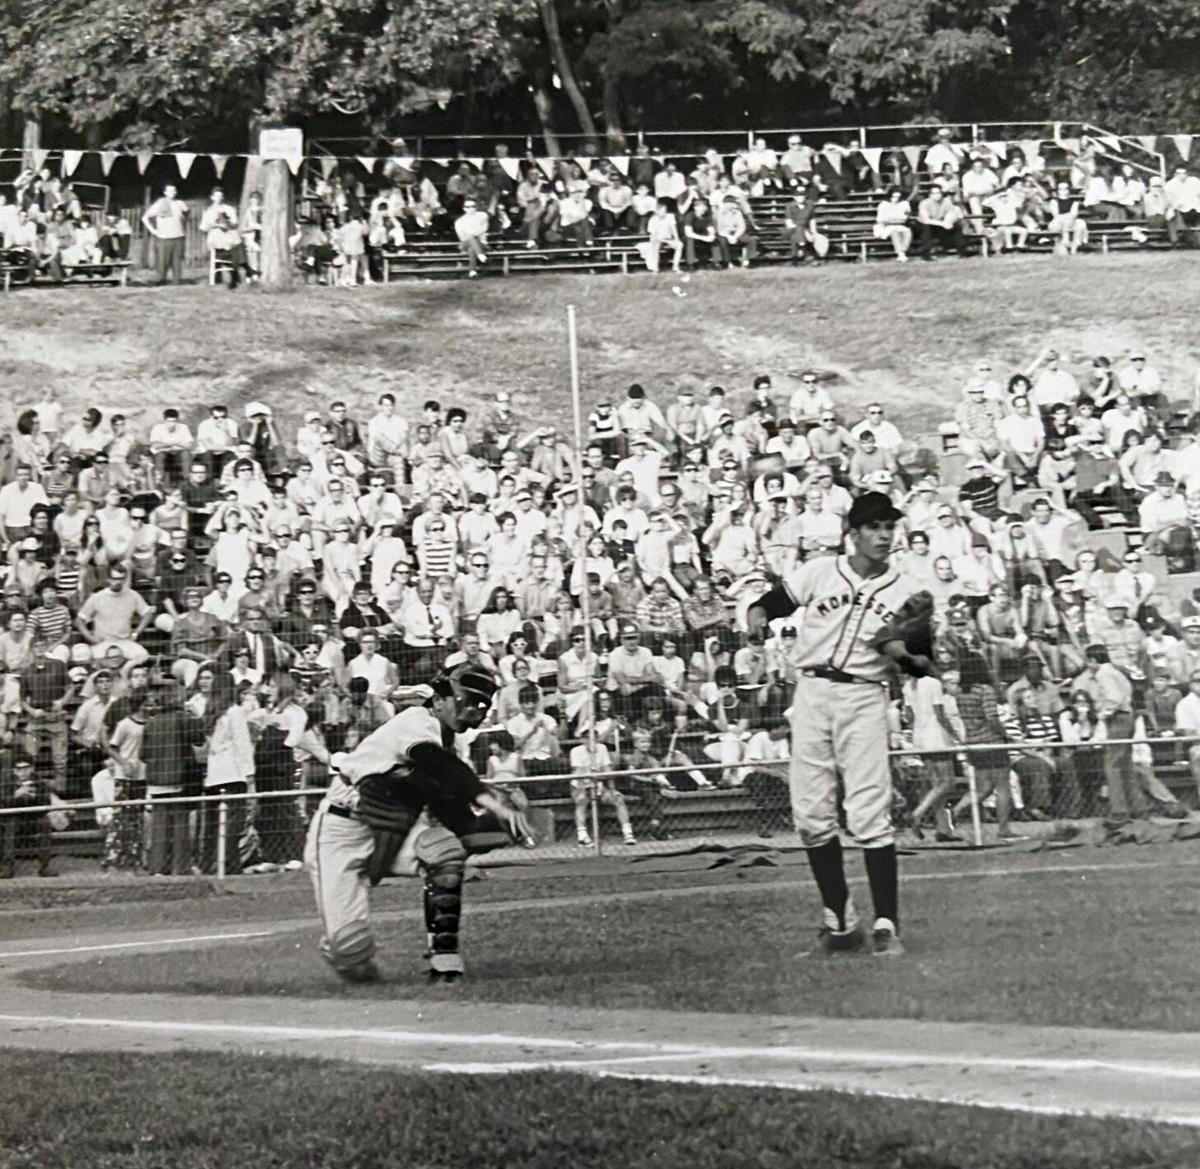 1970 Monessen Pony action